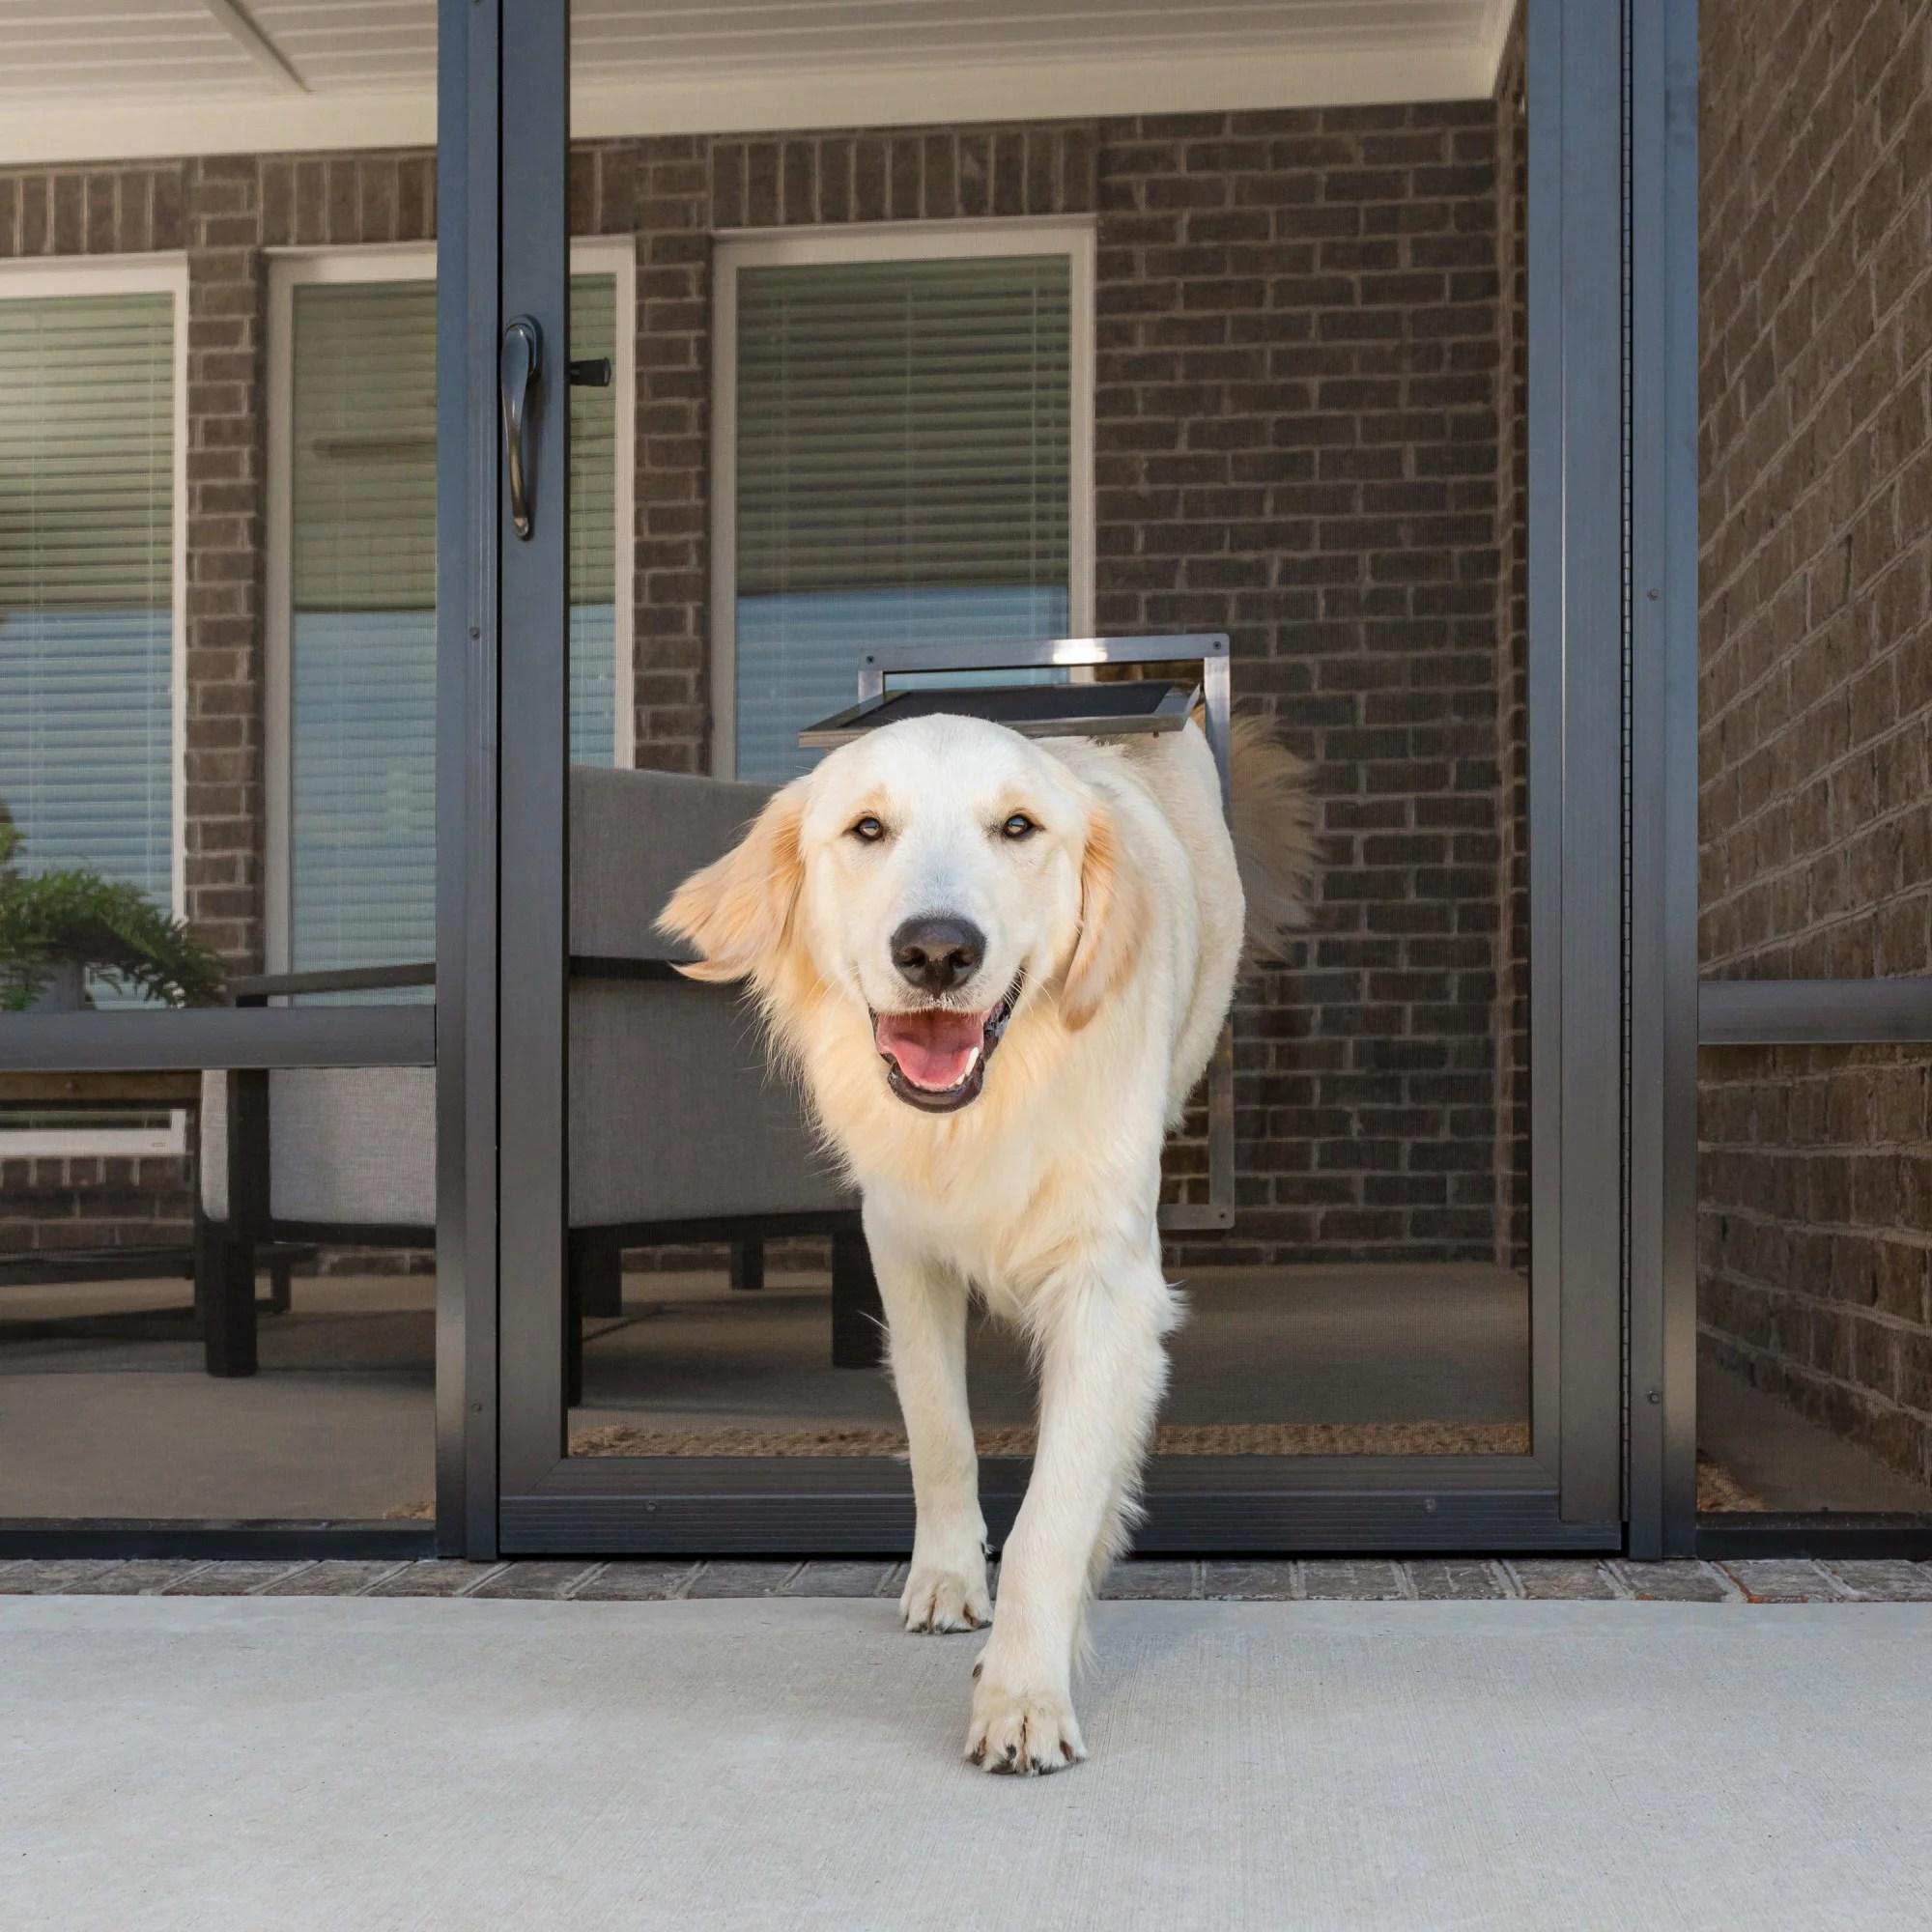 petsafe pet screen door dog and cat flap for screen door window storm door and porch use large walmart com